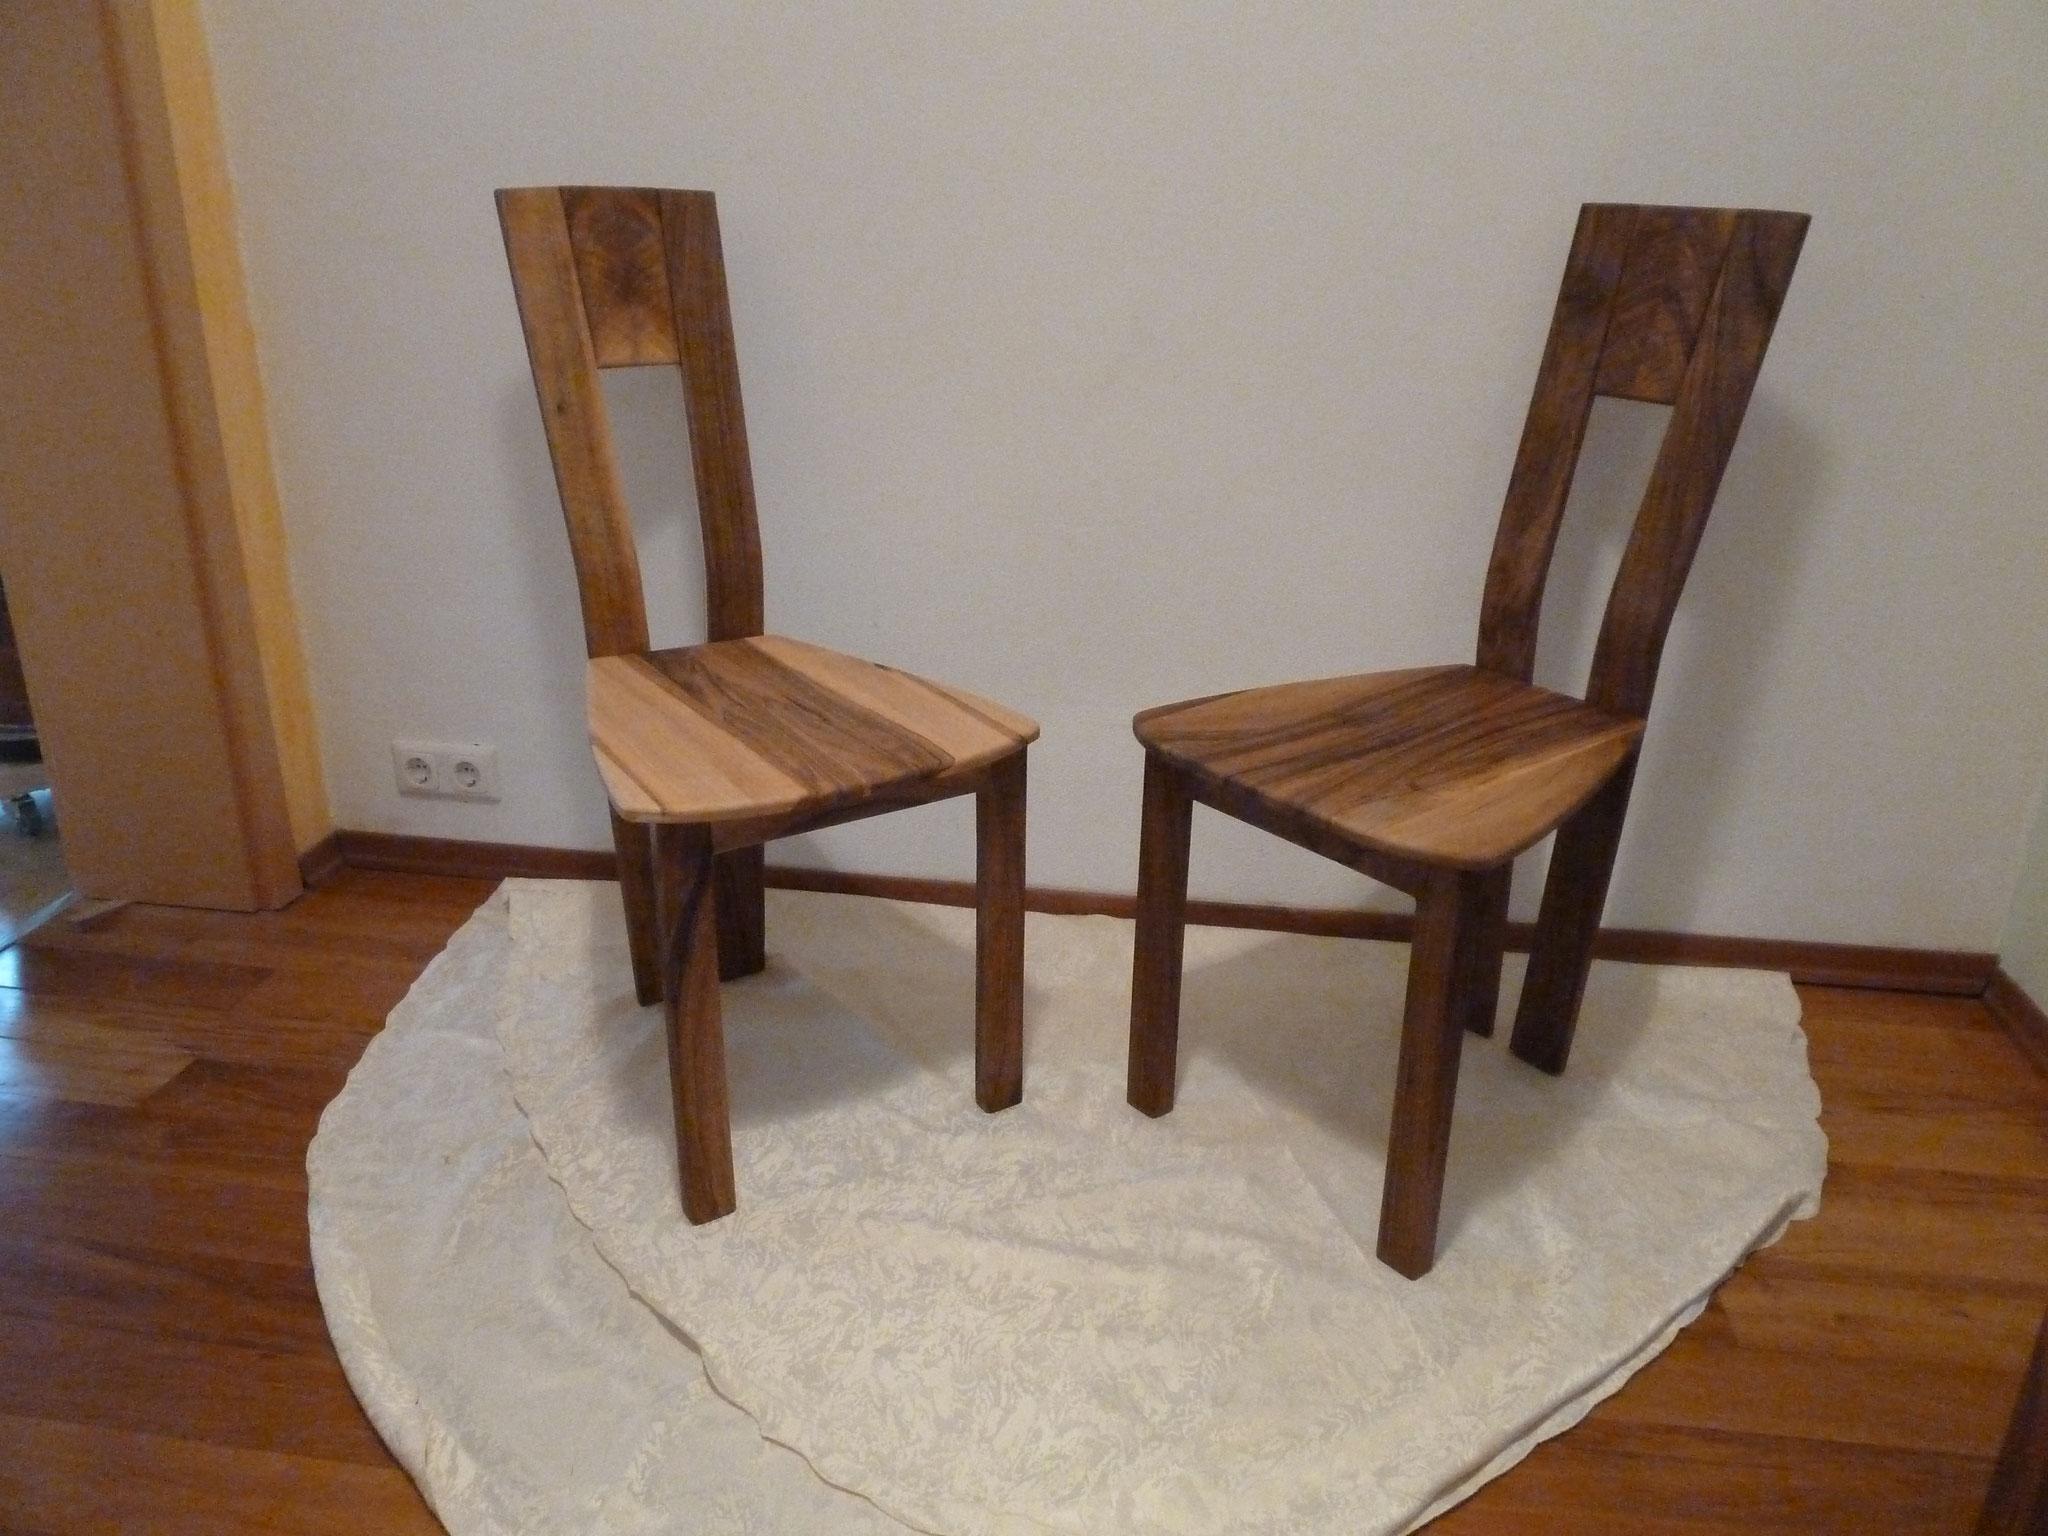 Stühle aus Walnuss